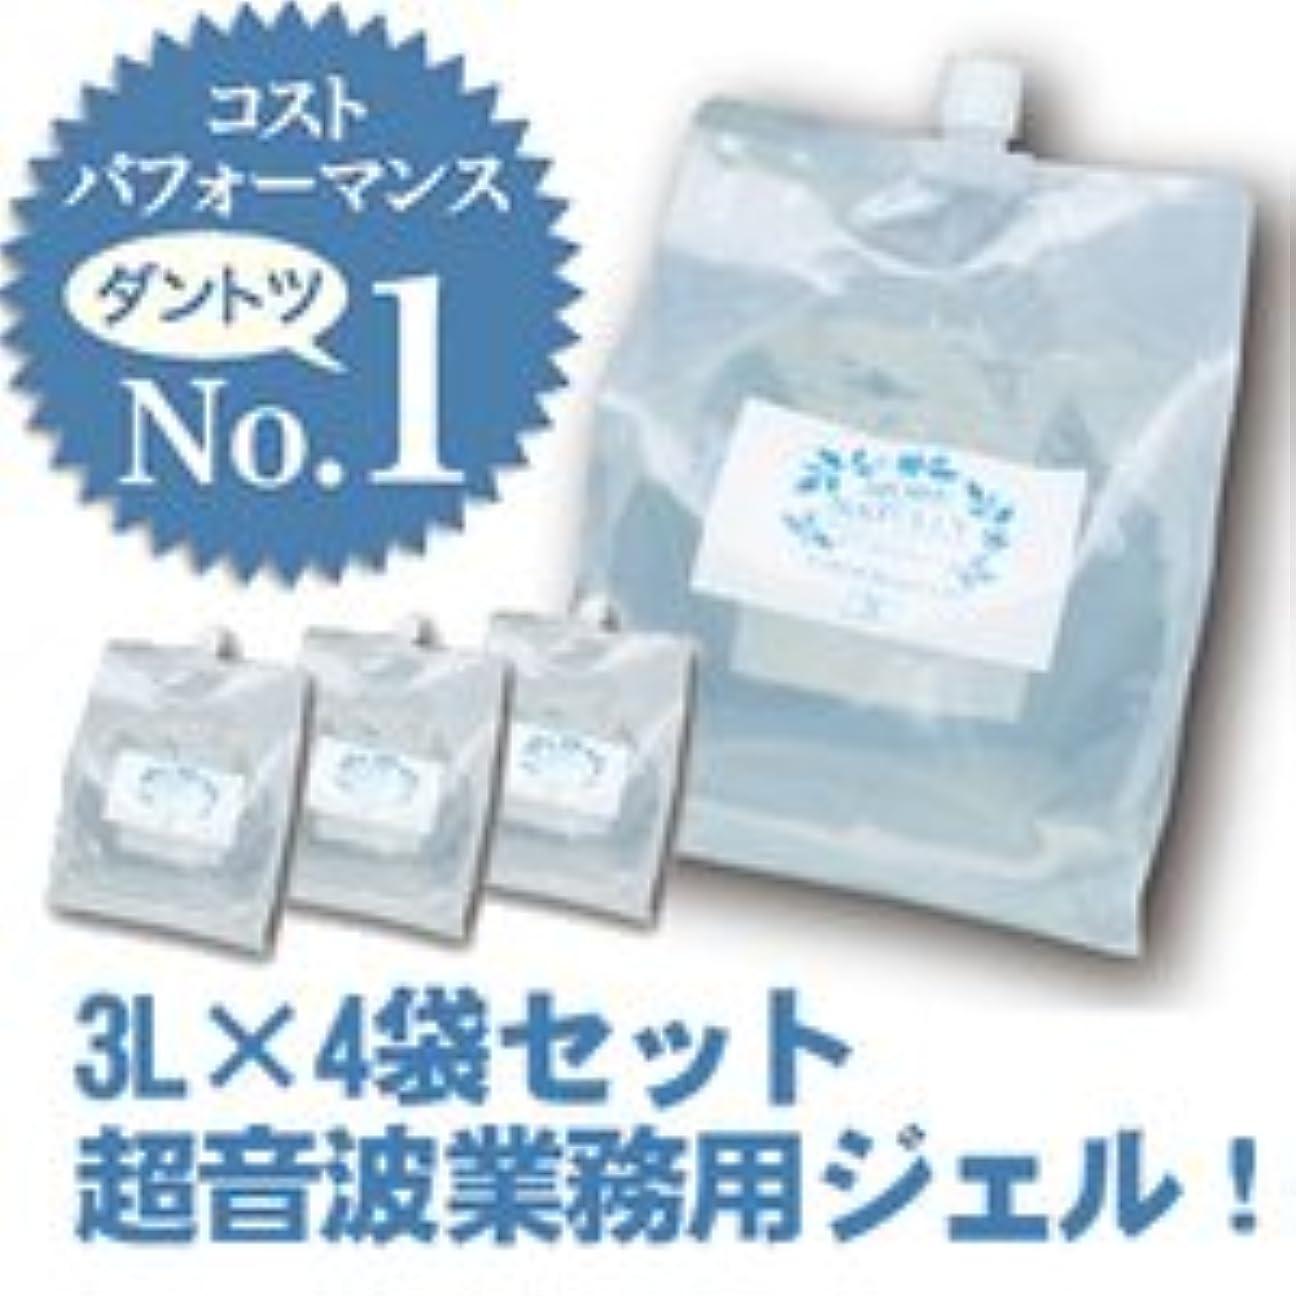 誤解を招く深める廃棄するモアナチュリー キャビ&フラッシュジェル 4袋セット 3L×4袋 12Lスーパーハードタイプ